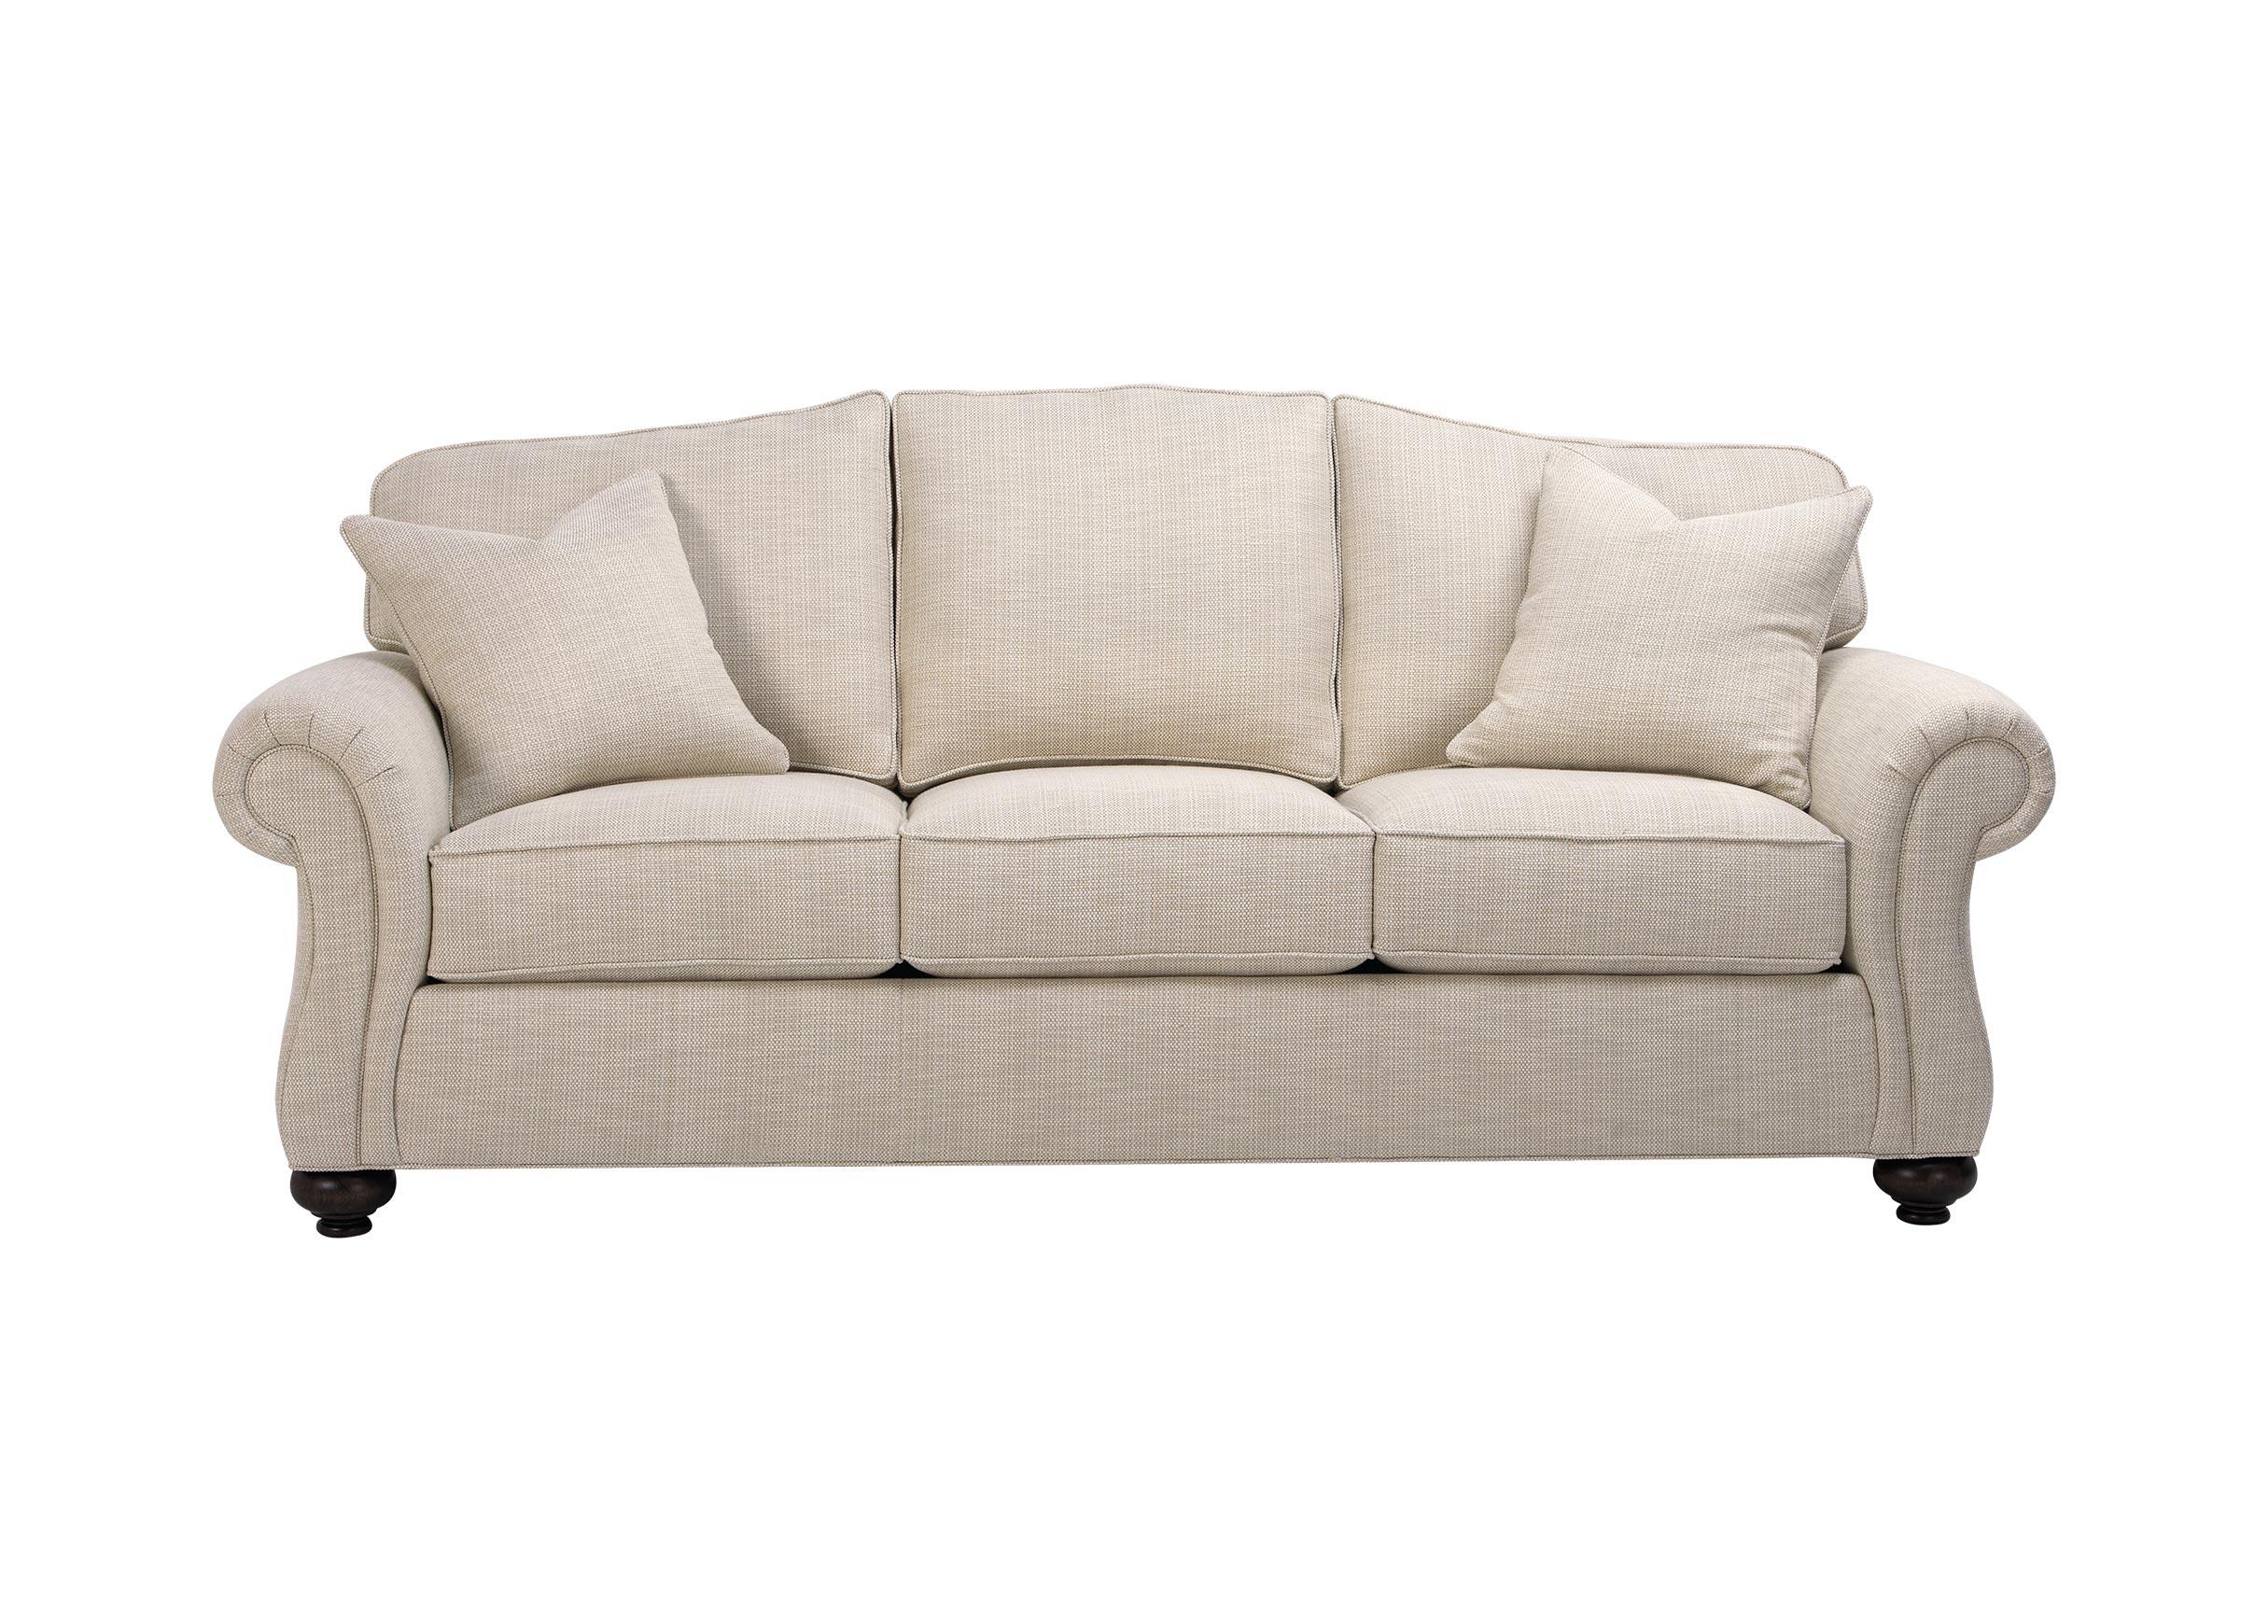 sofa measurements inch of velvet chesterfield deals full orange styles green size sleeper modular sofas loveseat large